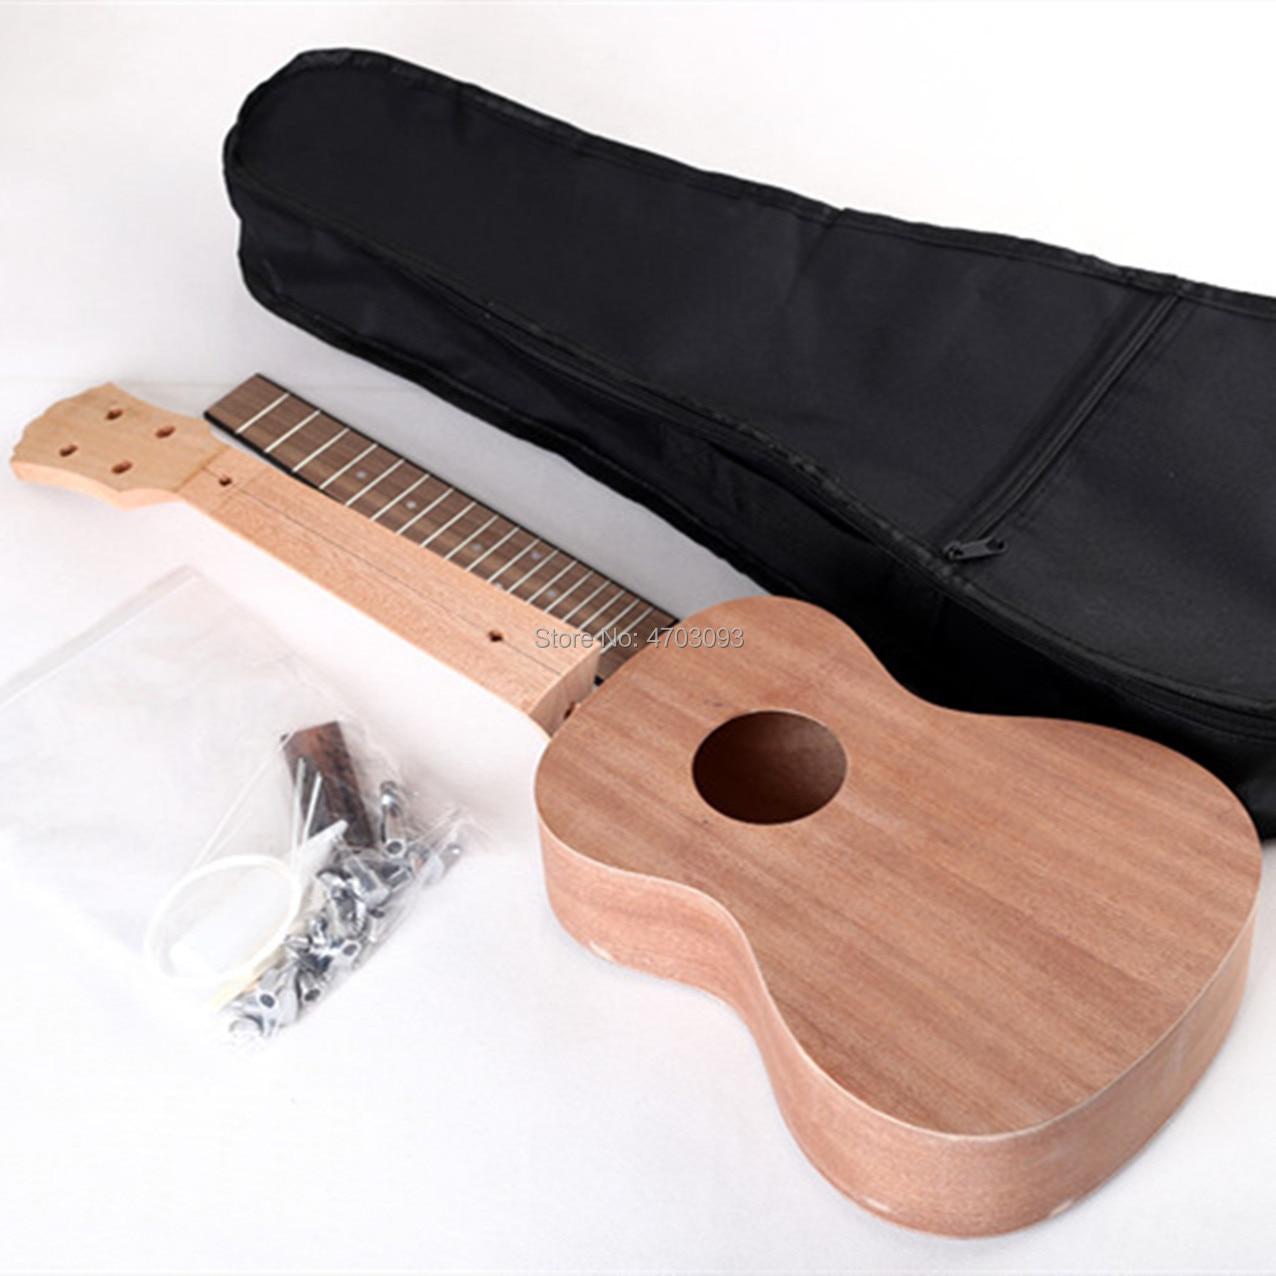 Ukulélé bricolage, corps en acajou, guitare acoustique 23 pouces, Fretboard en palissandre, livraison gratuite